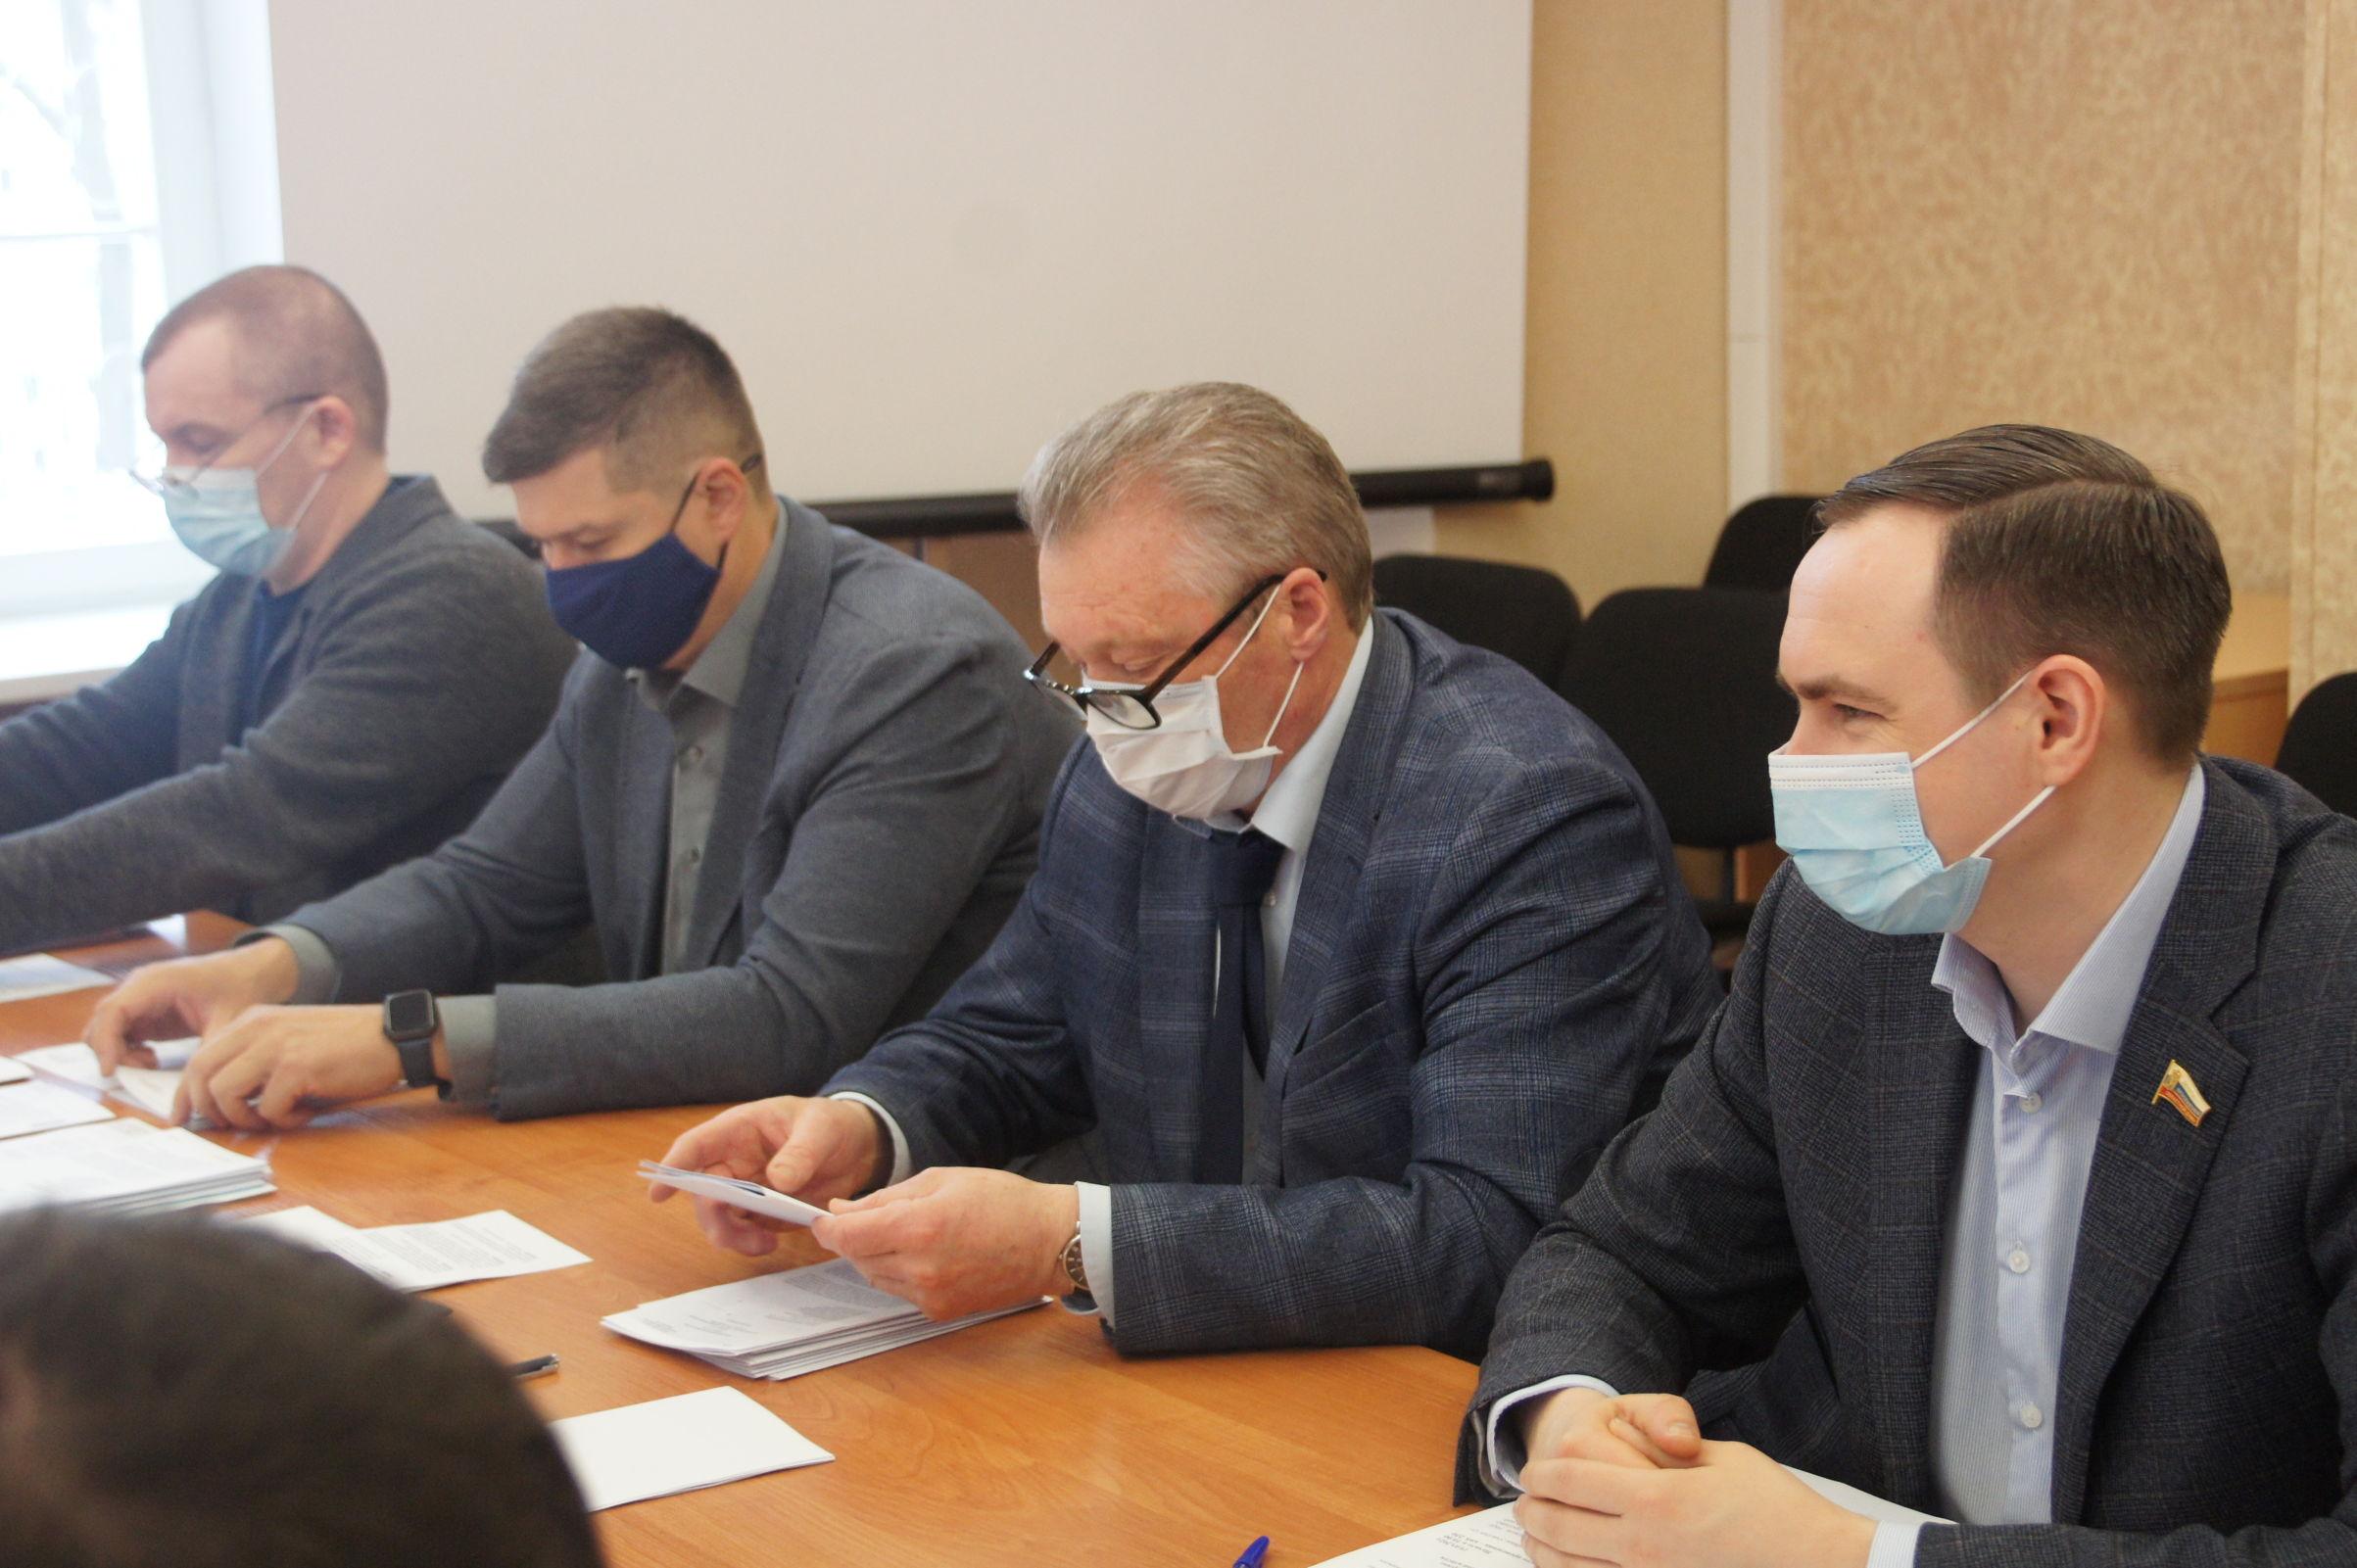 Комитет по законодательству Яроблдумы поддержал возврат прямых выборов мэра